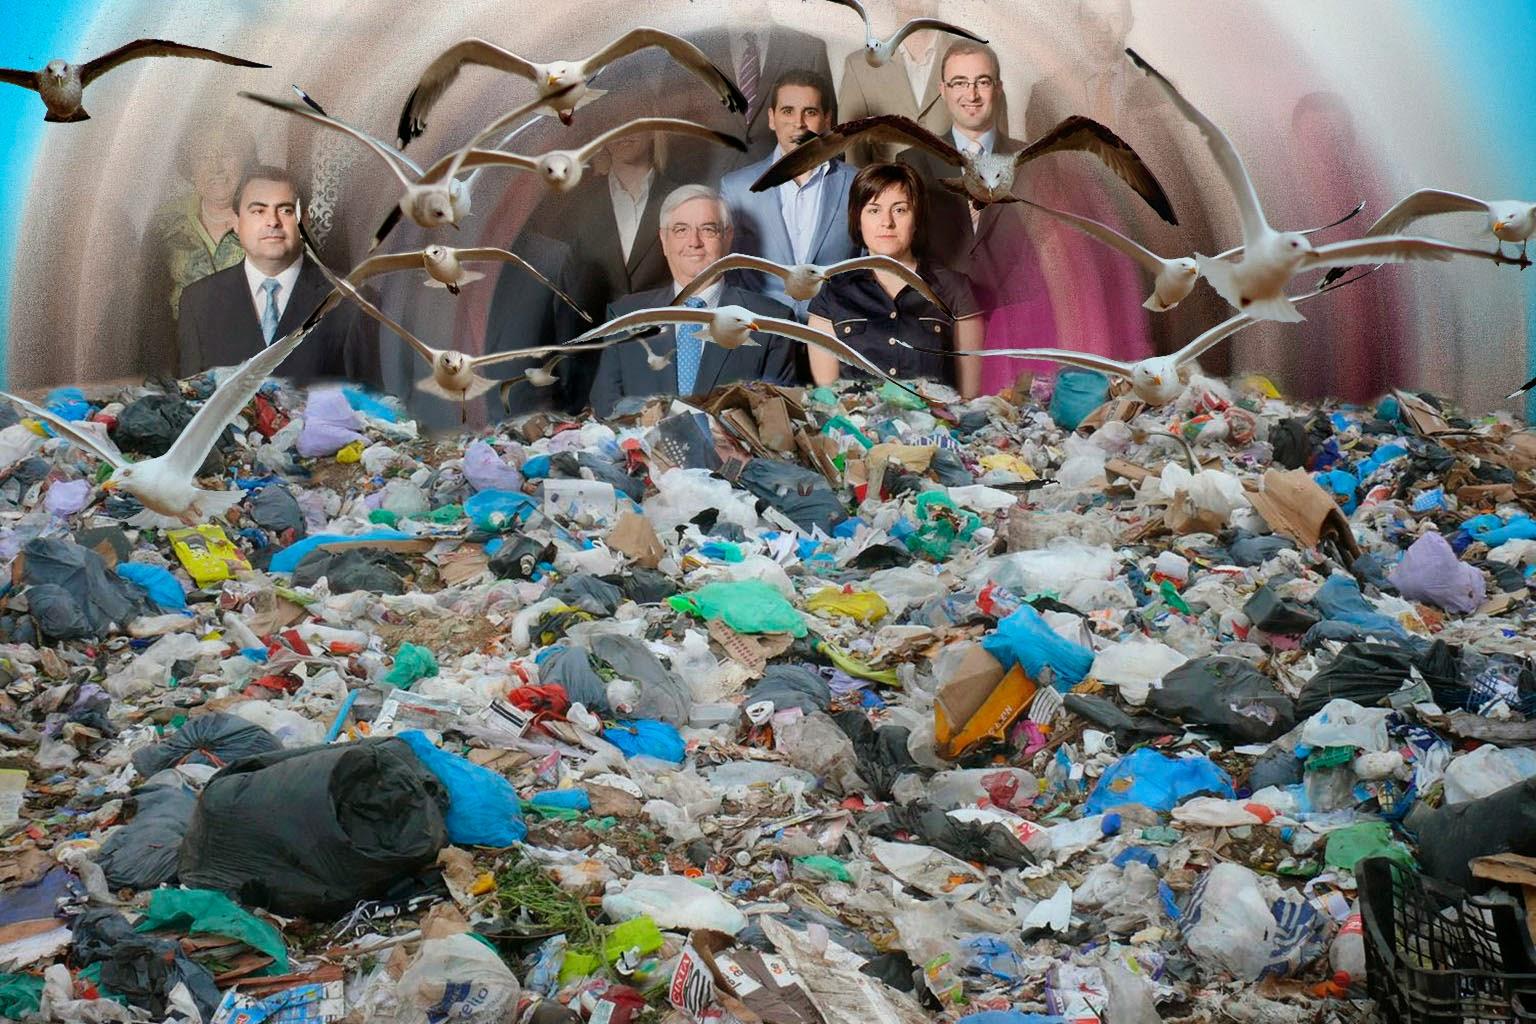 Gaviotas sobrevolando las basuras